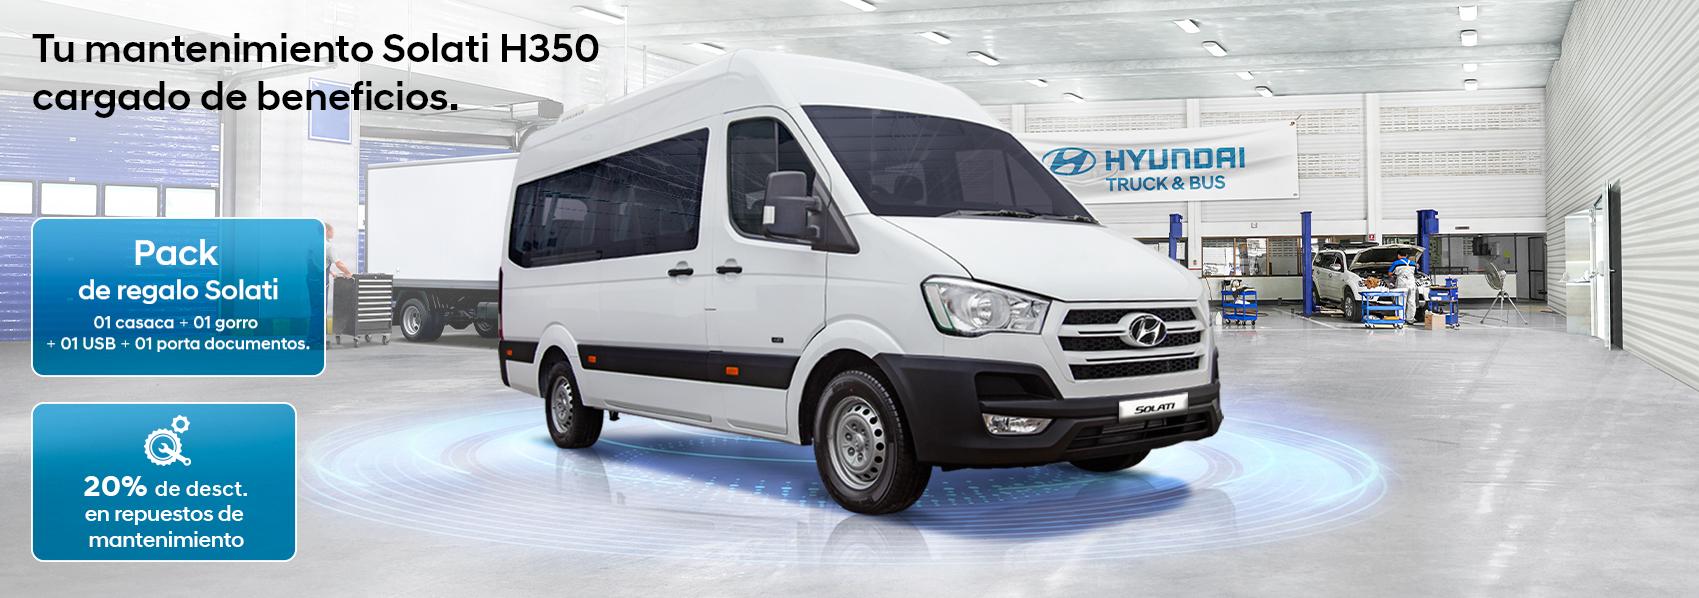 hyundai-camiones-promociones-post-venta-banner